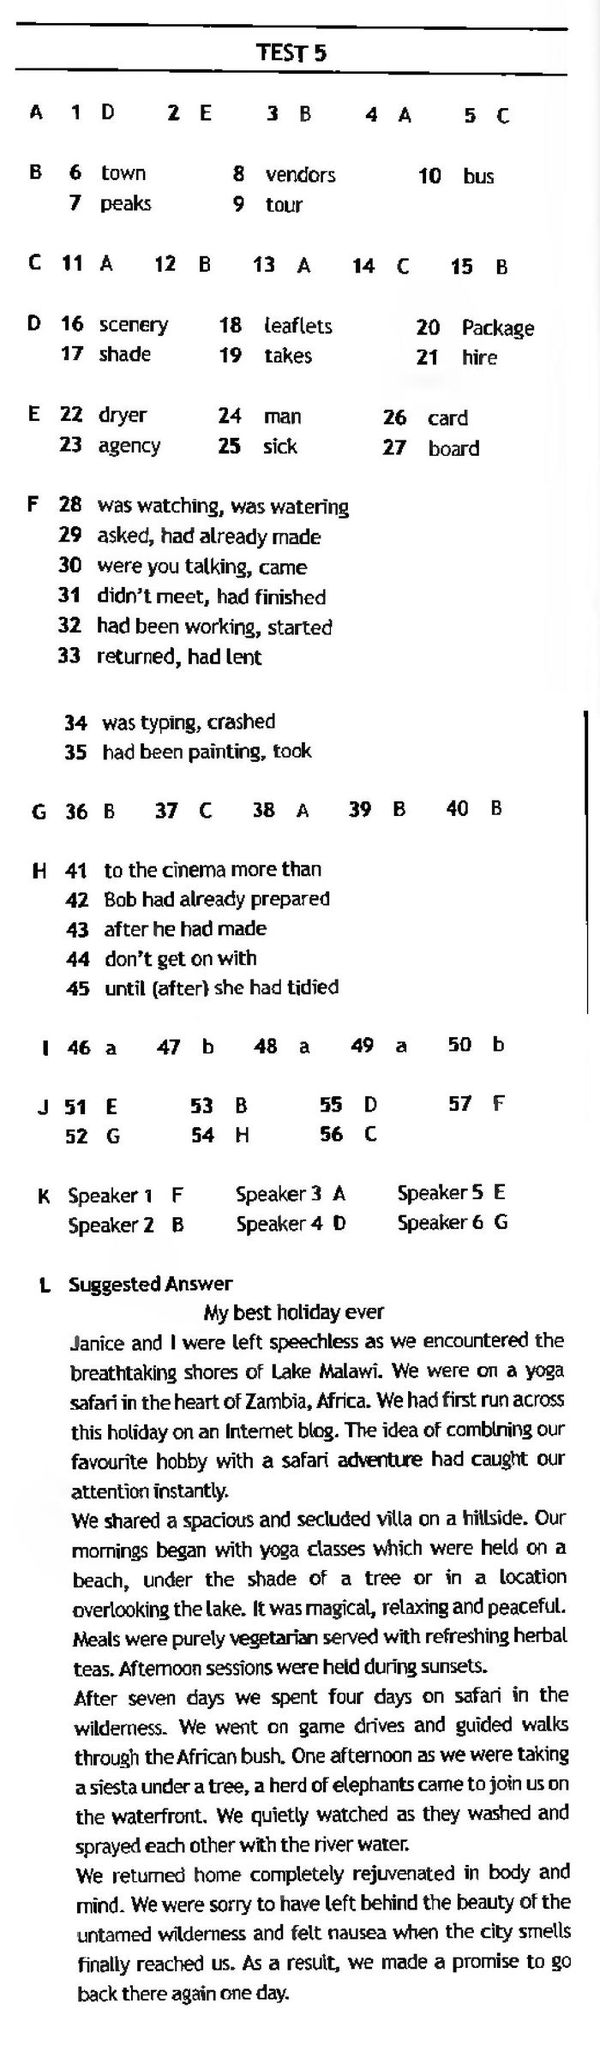 Мега шпора по английскому языку 5-6 класс биболетова